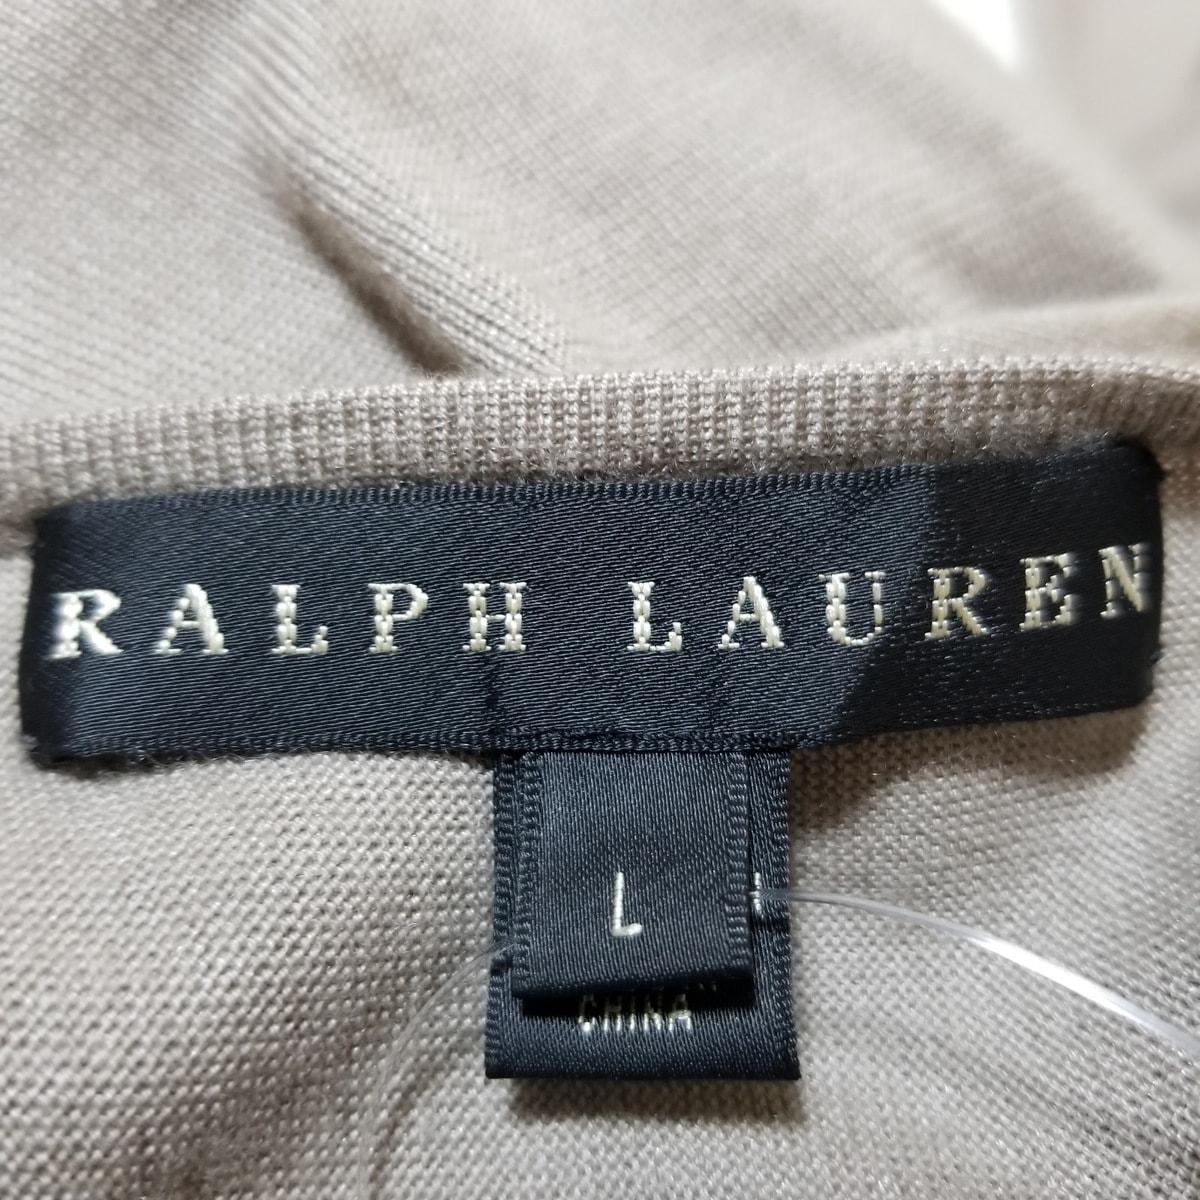 RalphLauren(ラルフローレン)のワンピース